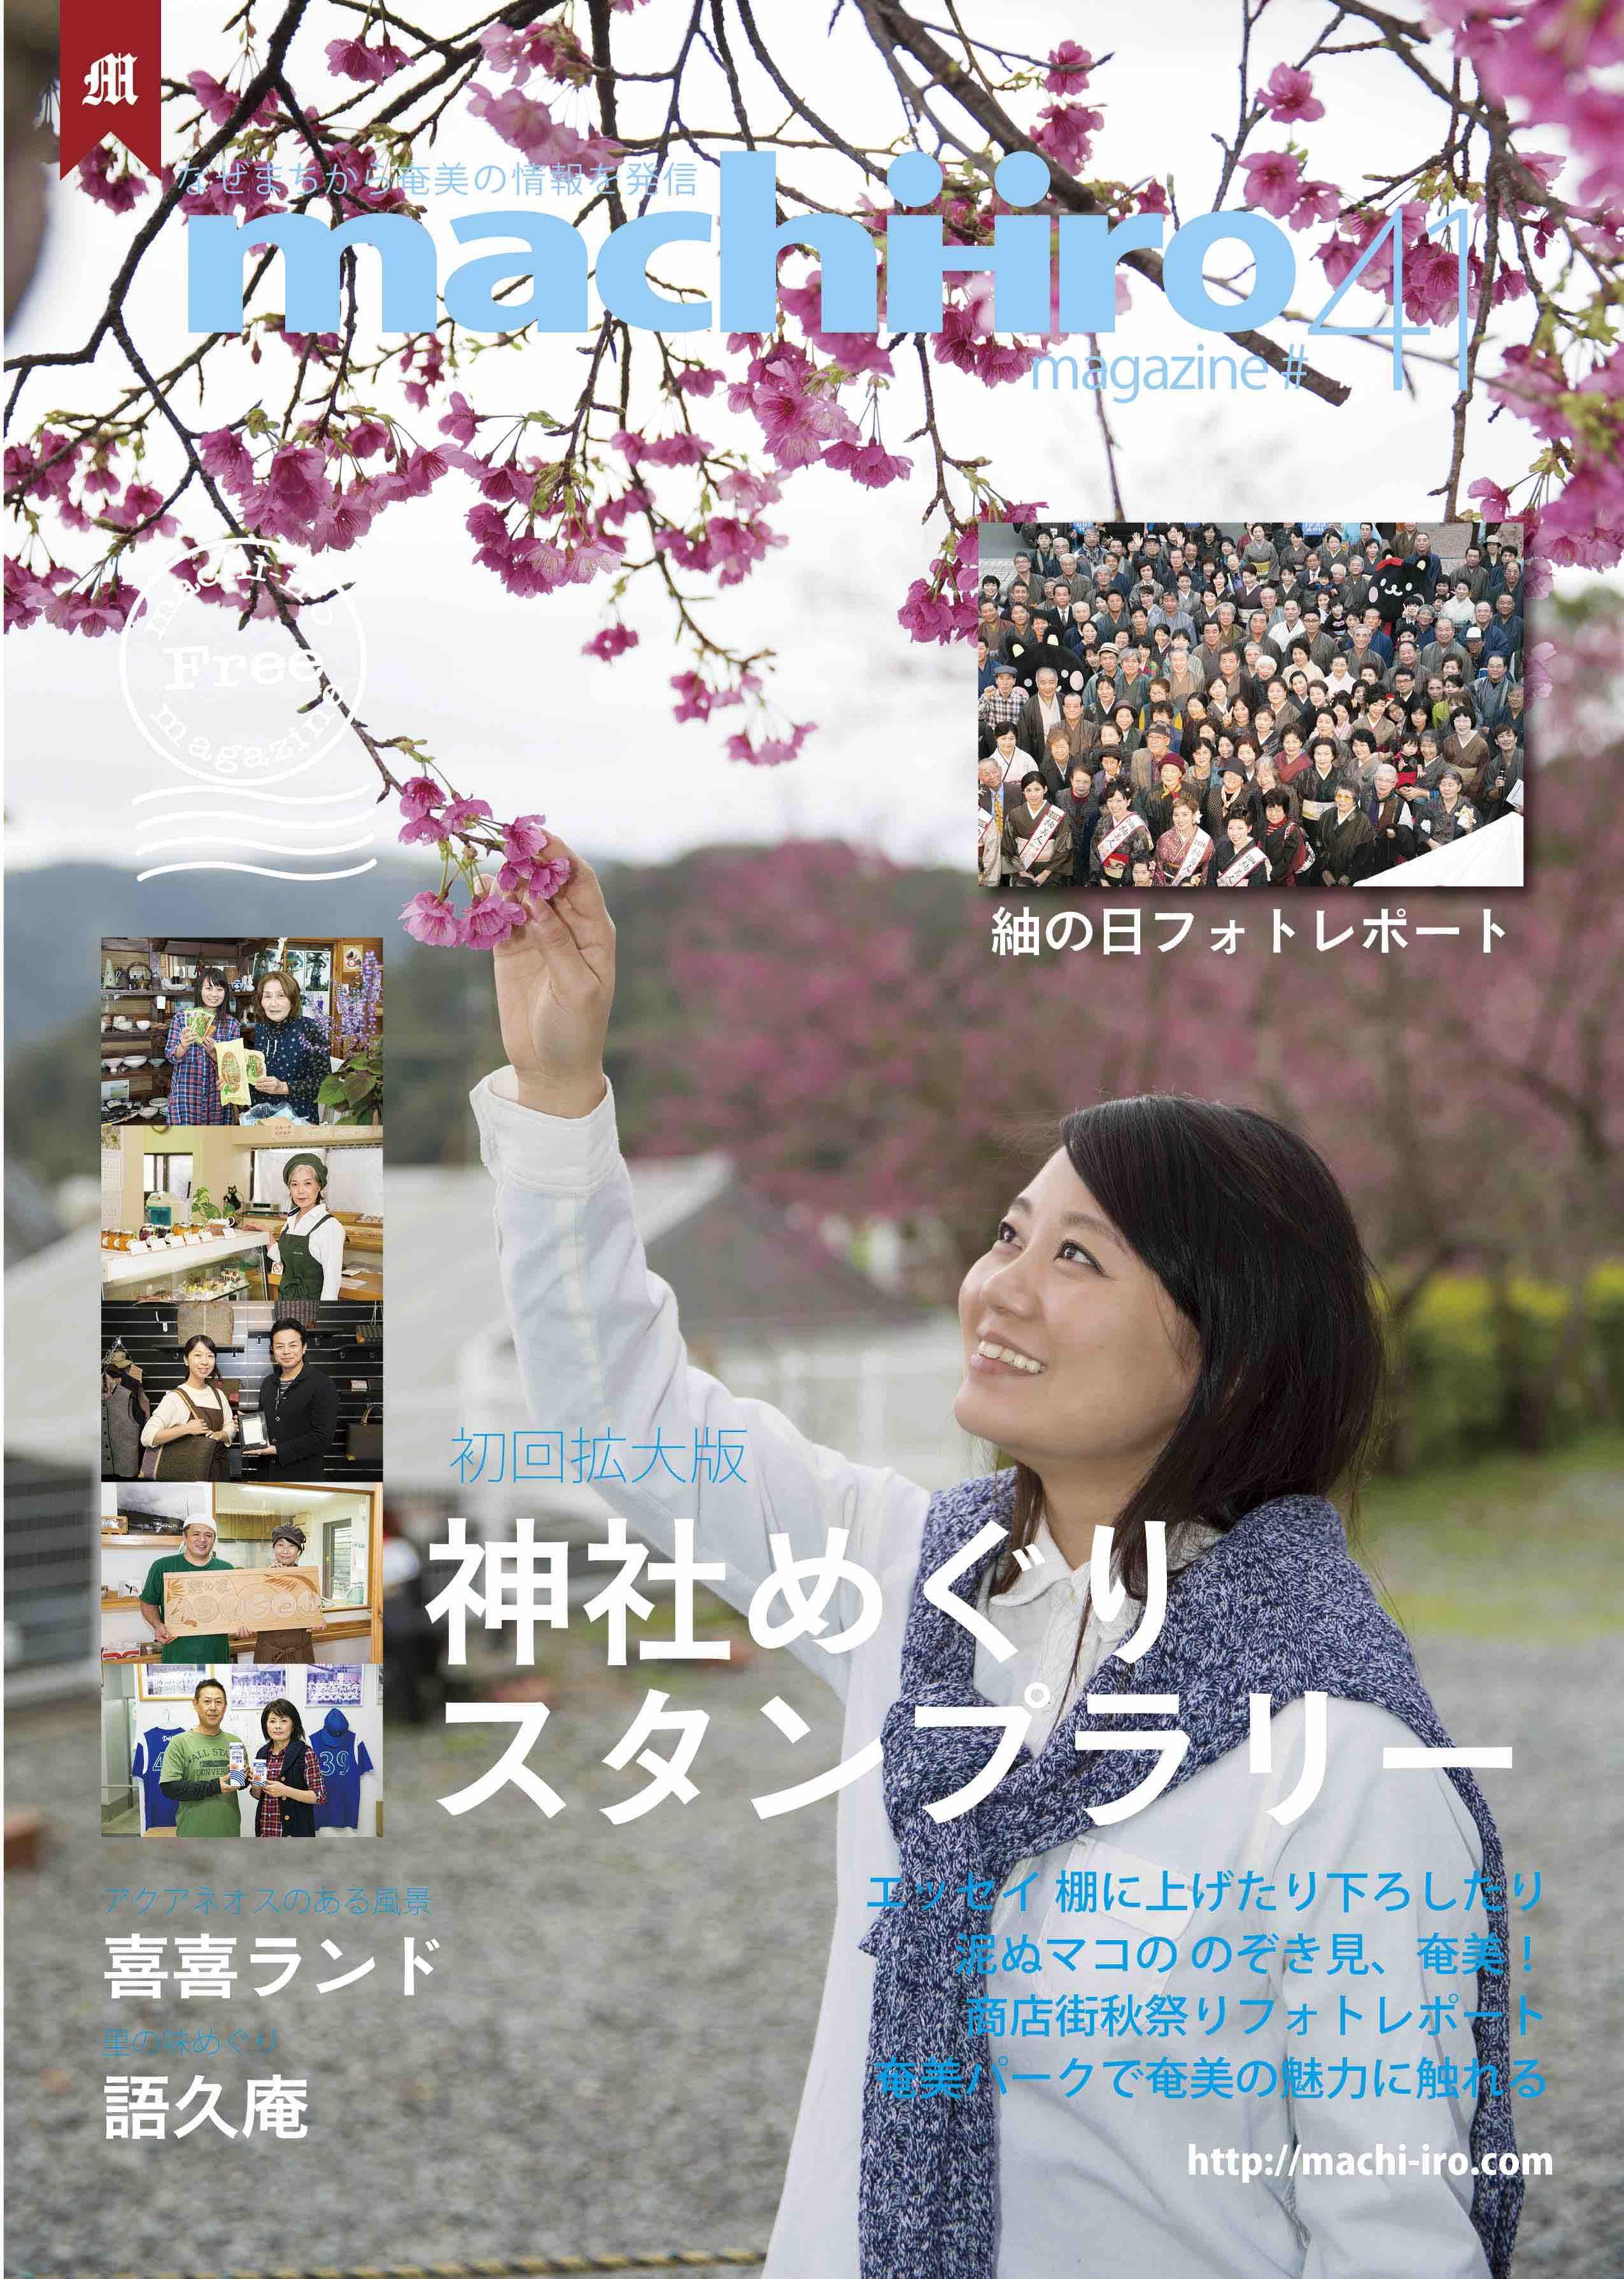 machi-iro magazine #41